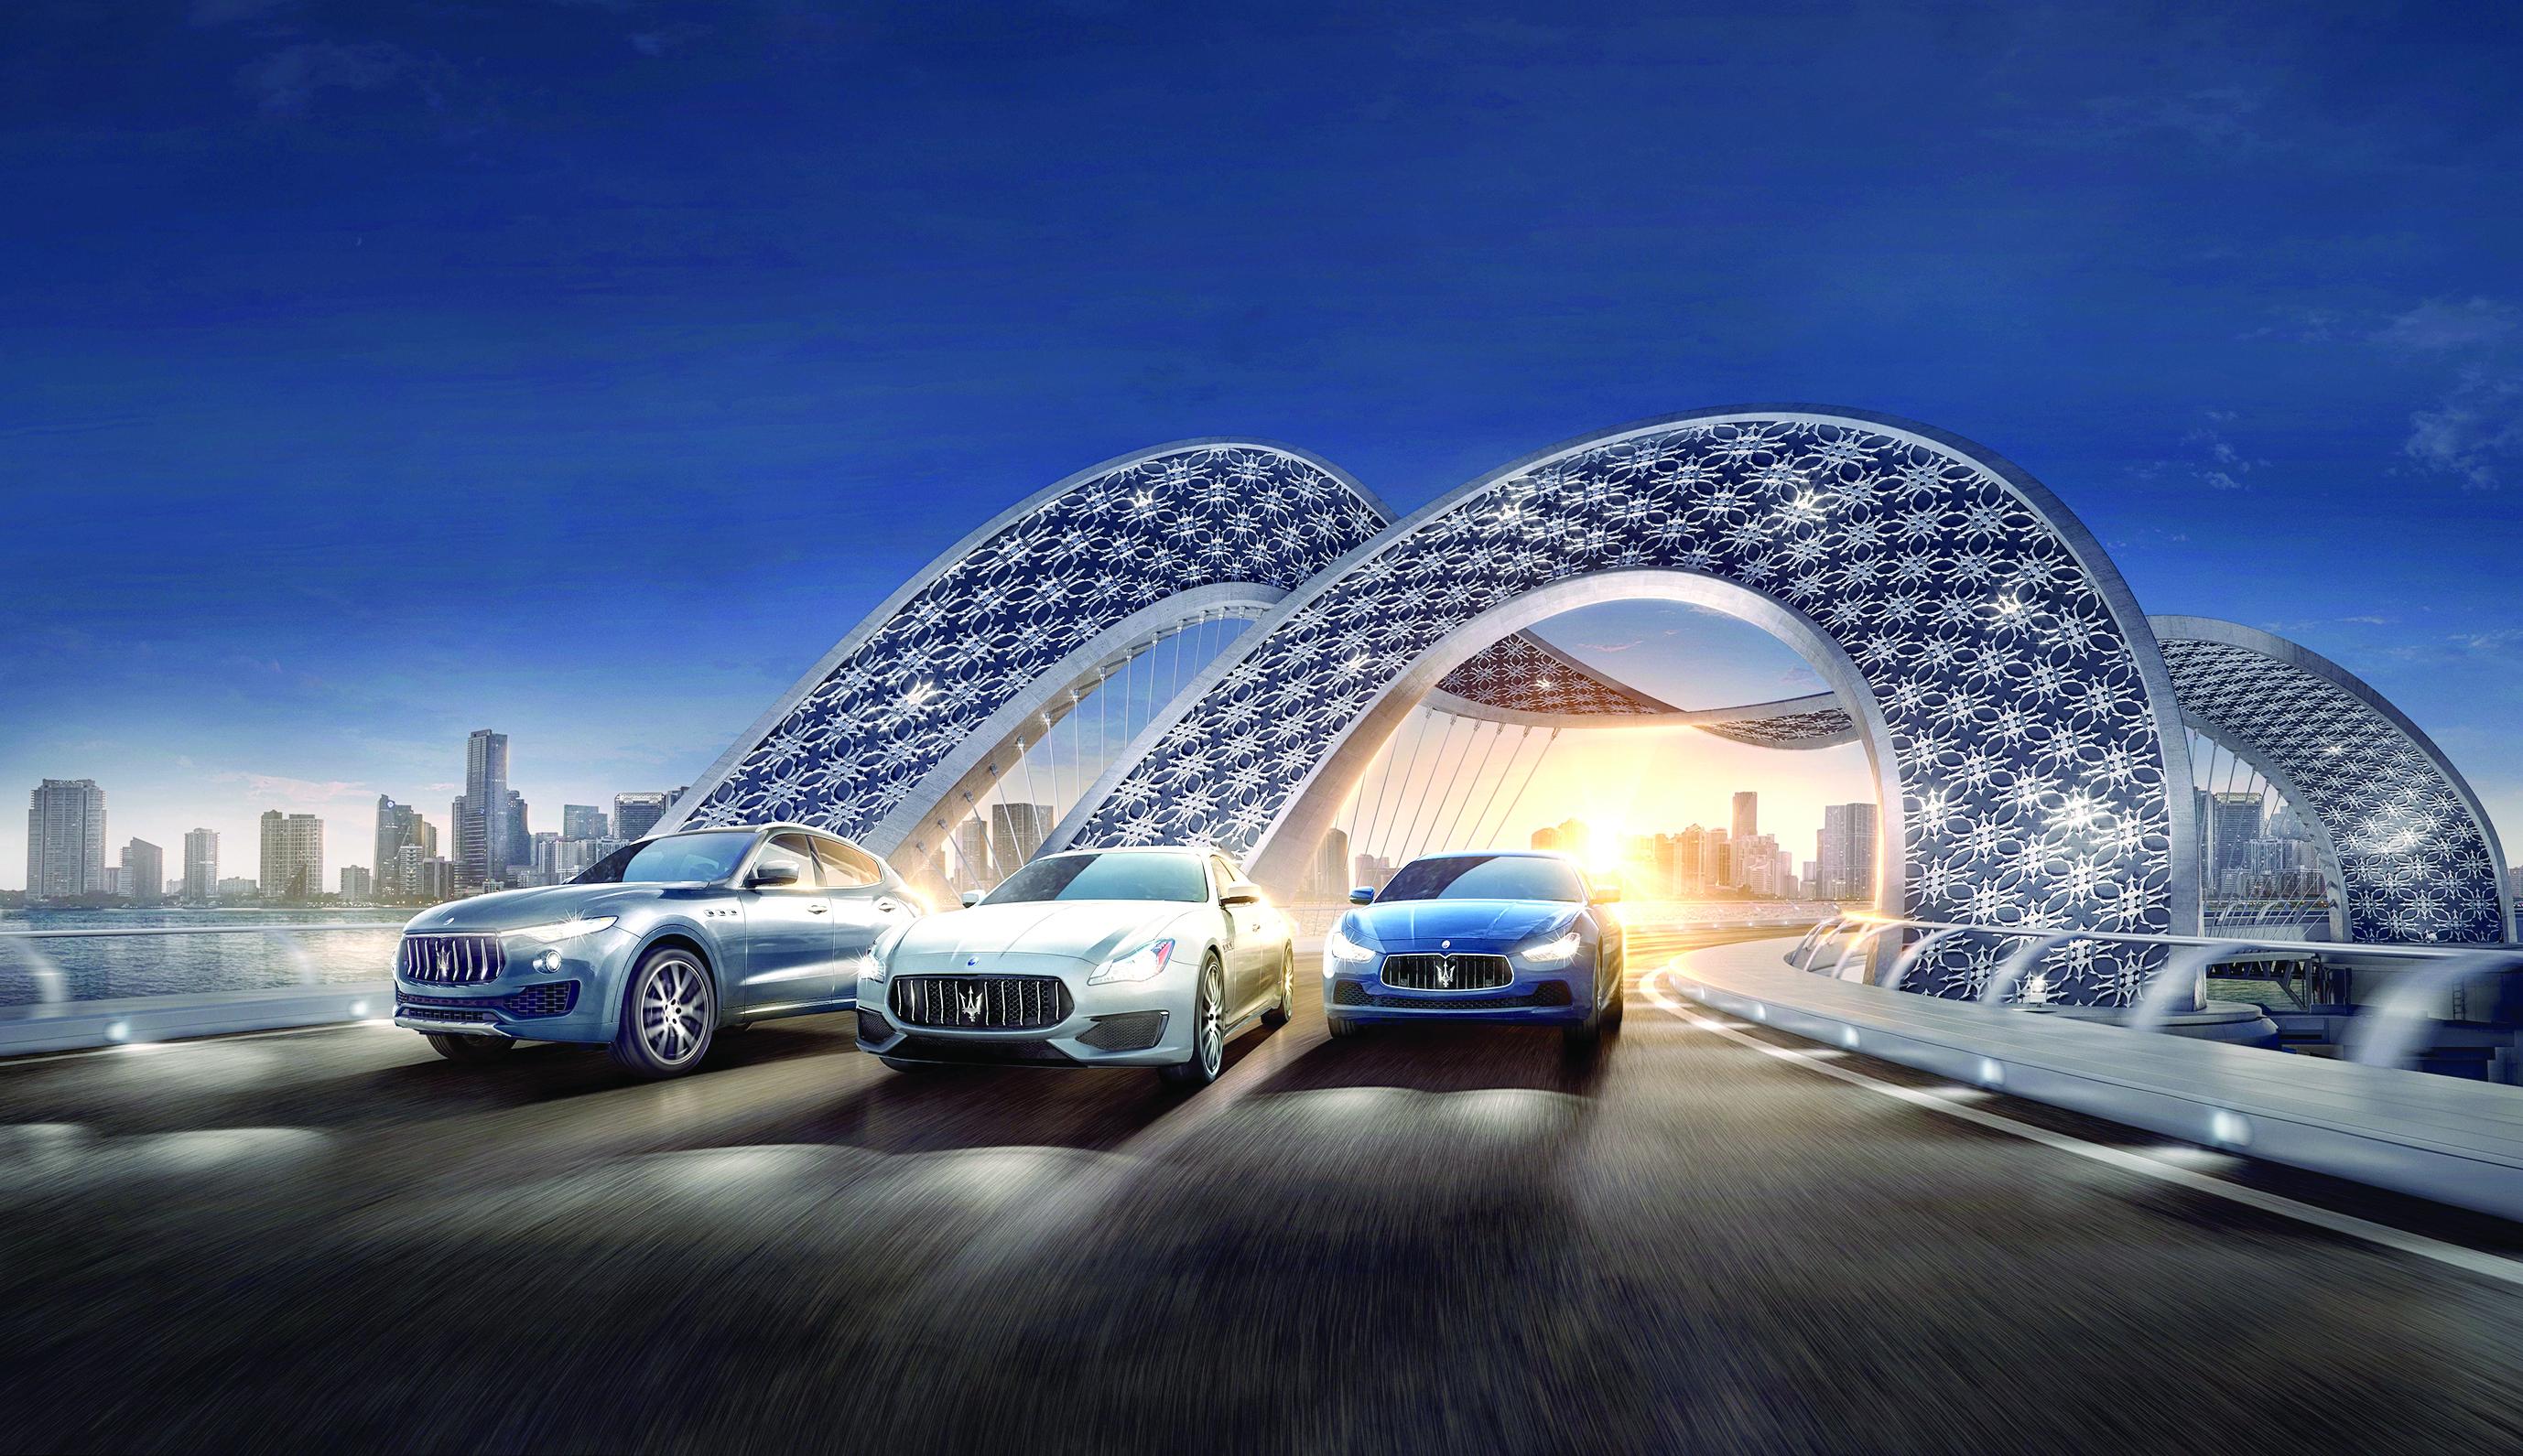 الفردان للسيارات.. تعد بتقديم تجربة شراء سيارة لا مثيل لها